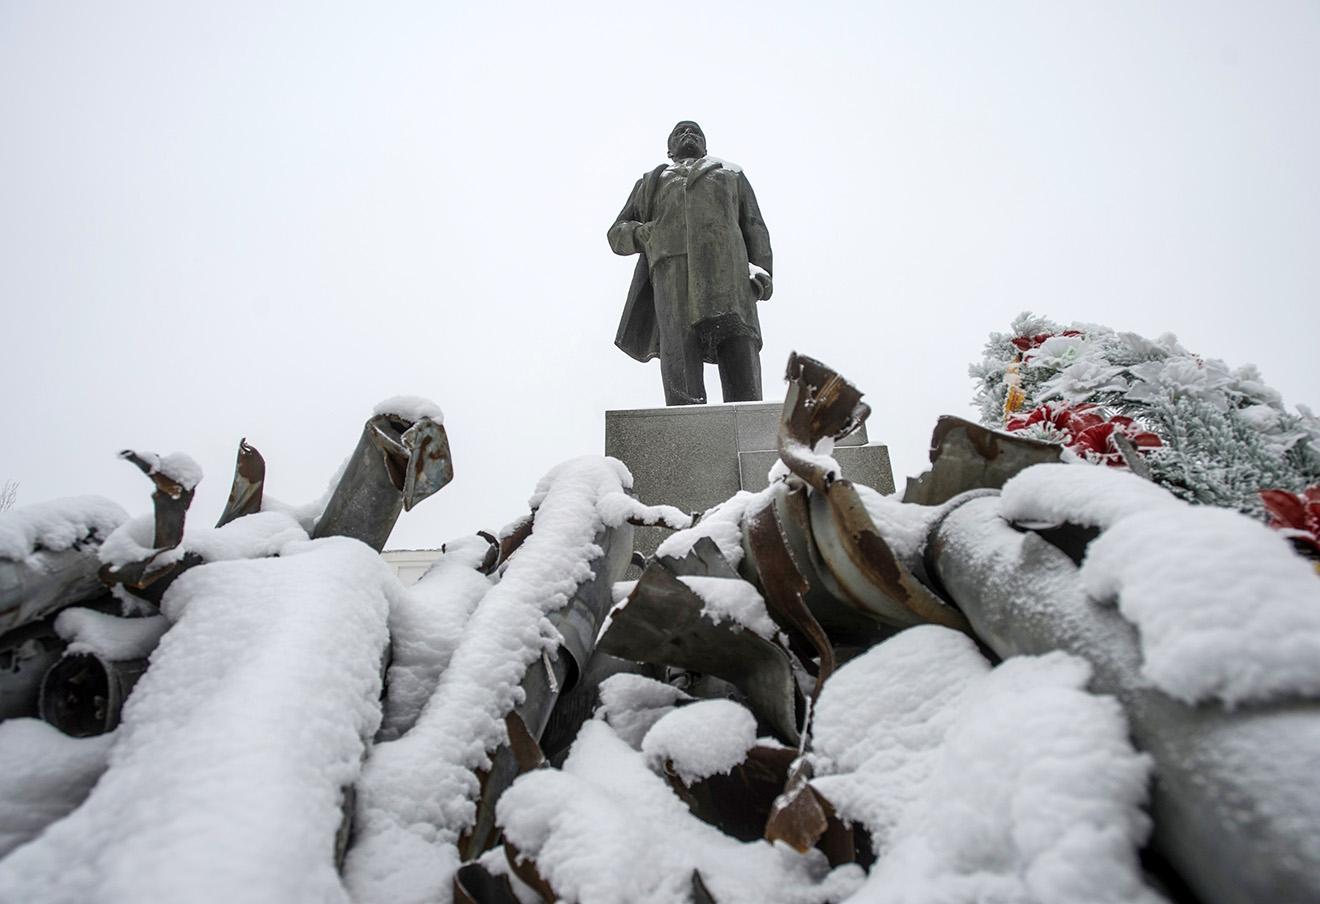 Памятник Ленину и осколки боеприпасов в Первомайске, Украина.